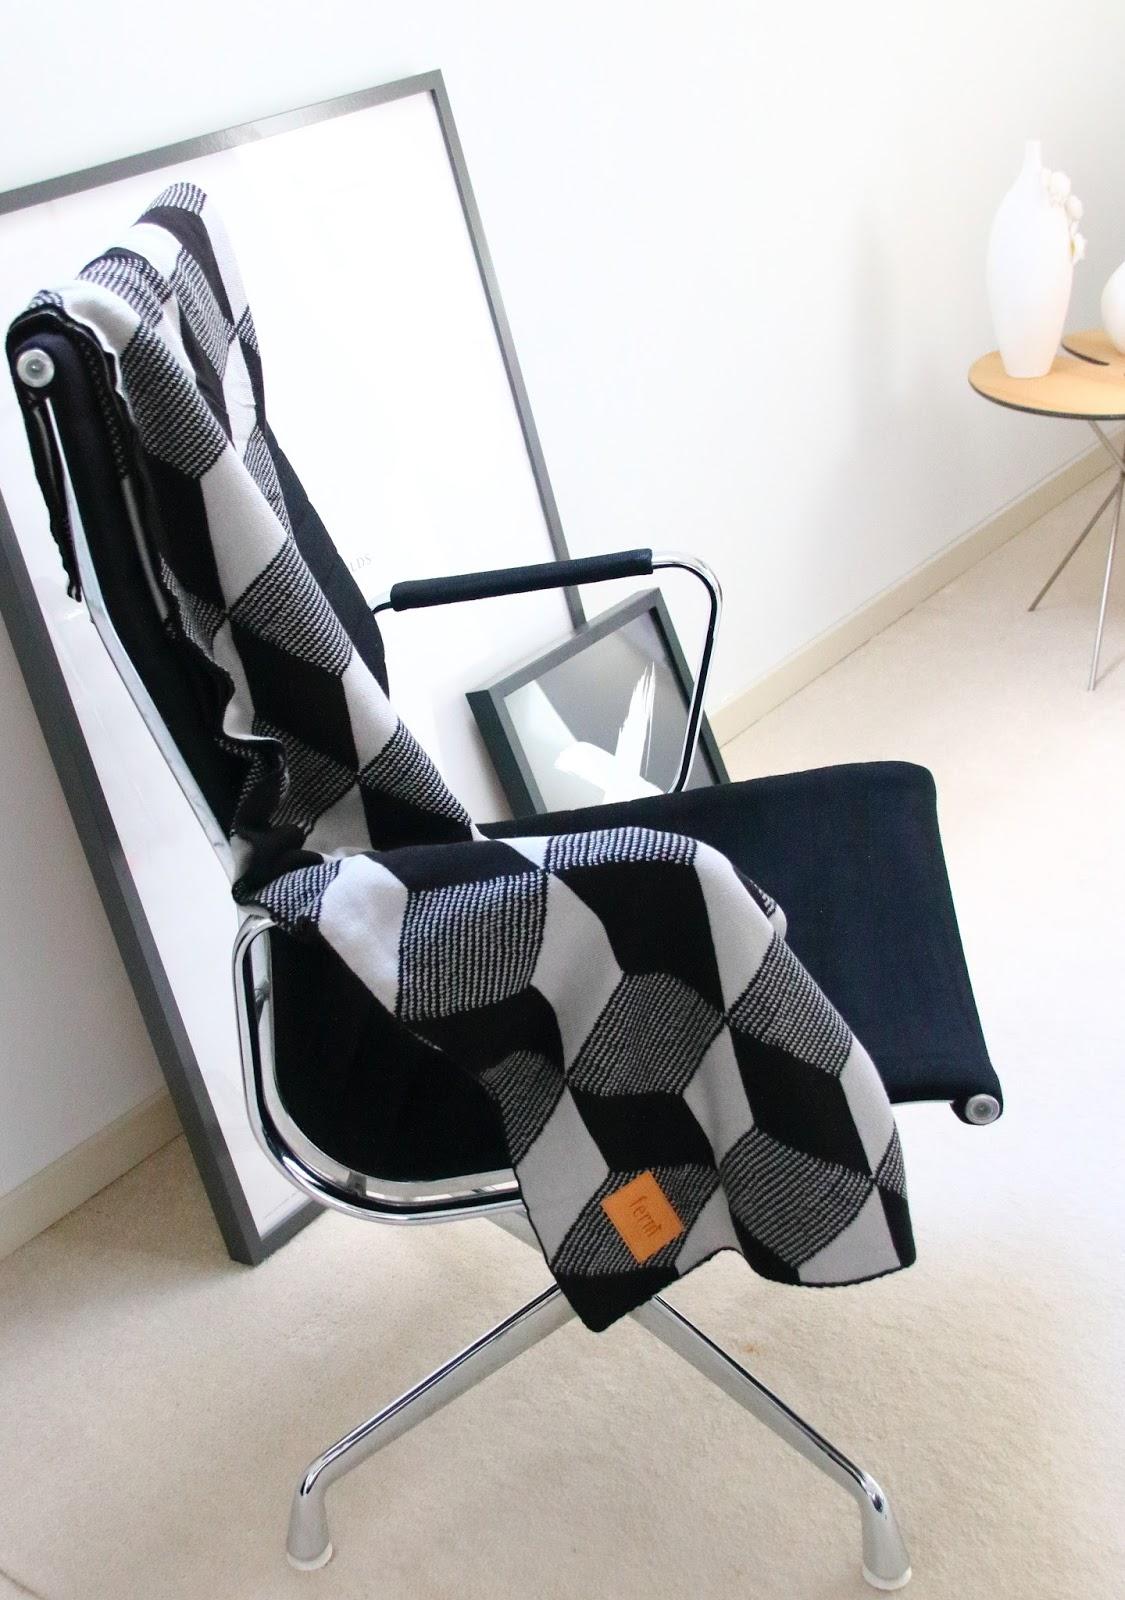 Designedlifeblog.blogspot.com Captains chair